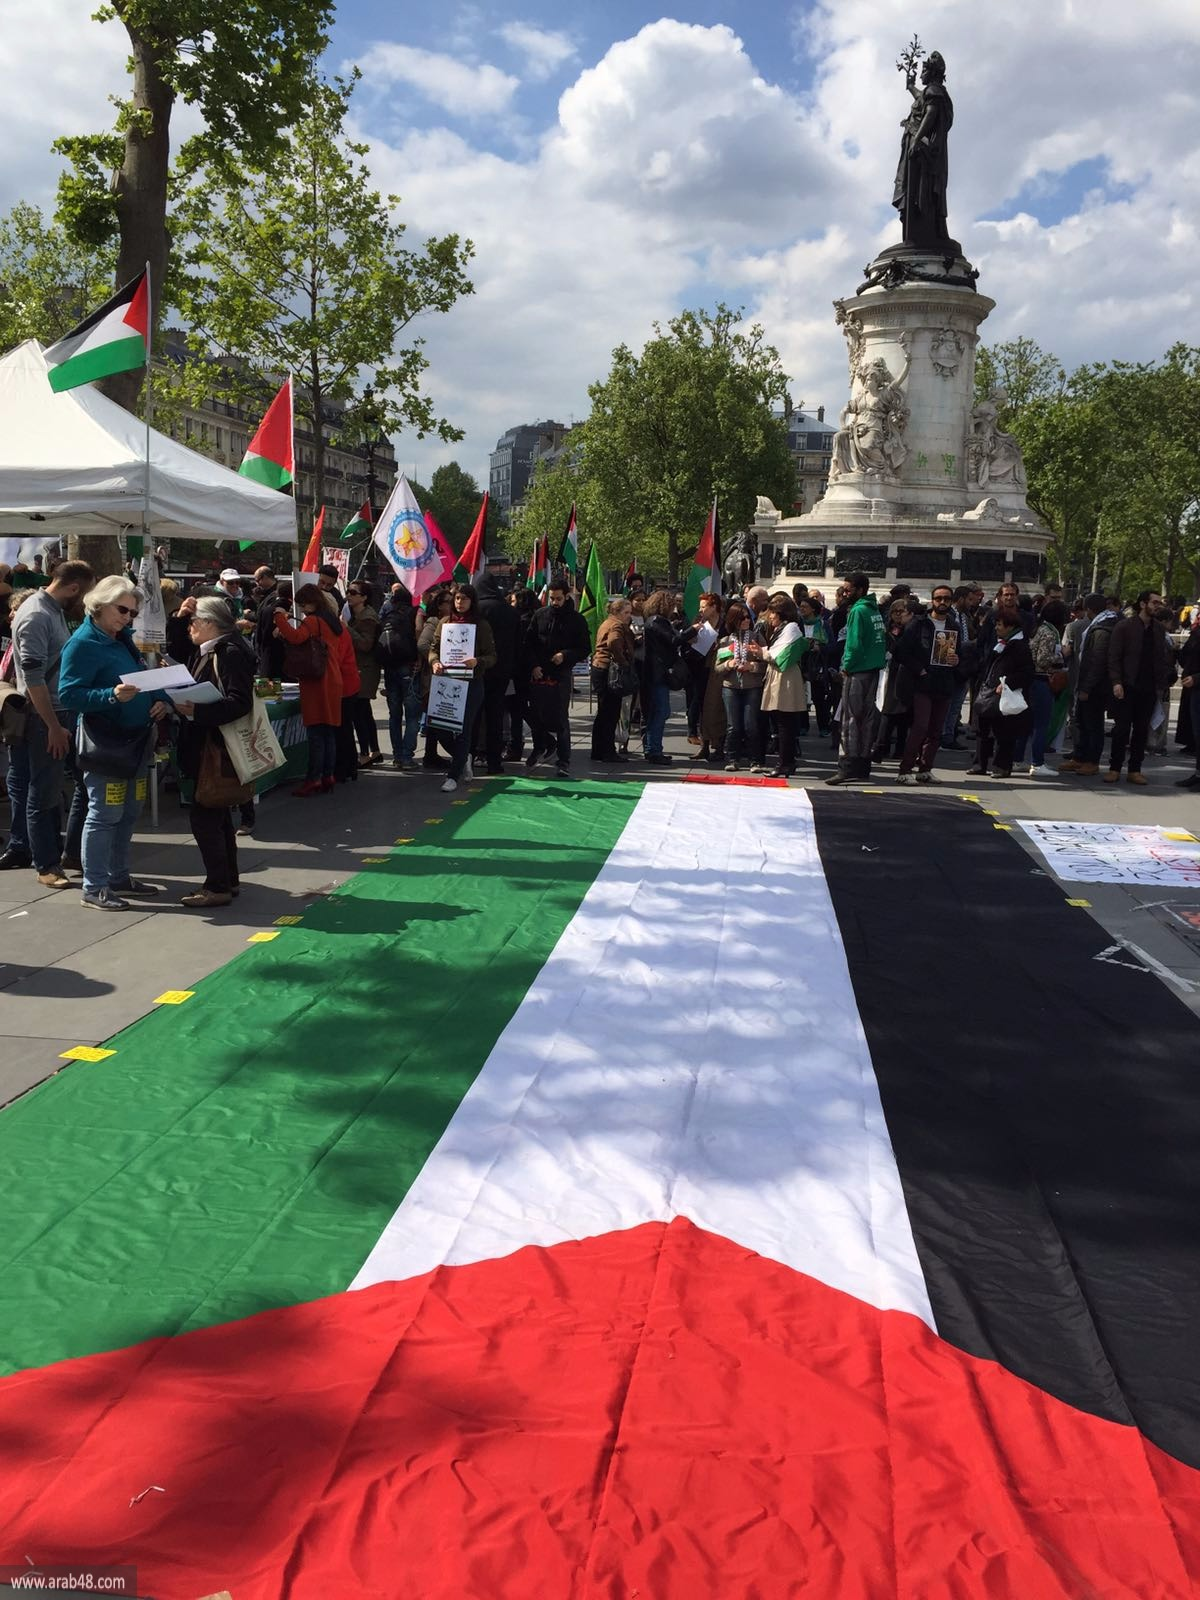 فعاليات داعمة لإضراب الأسرى بعواصم عربية وأوروبية